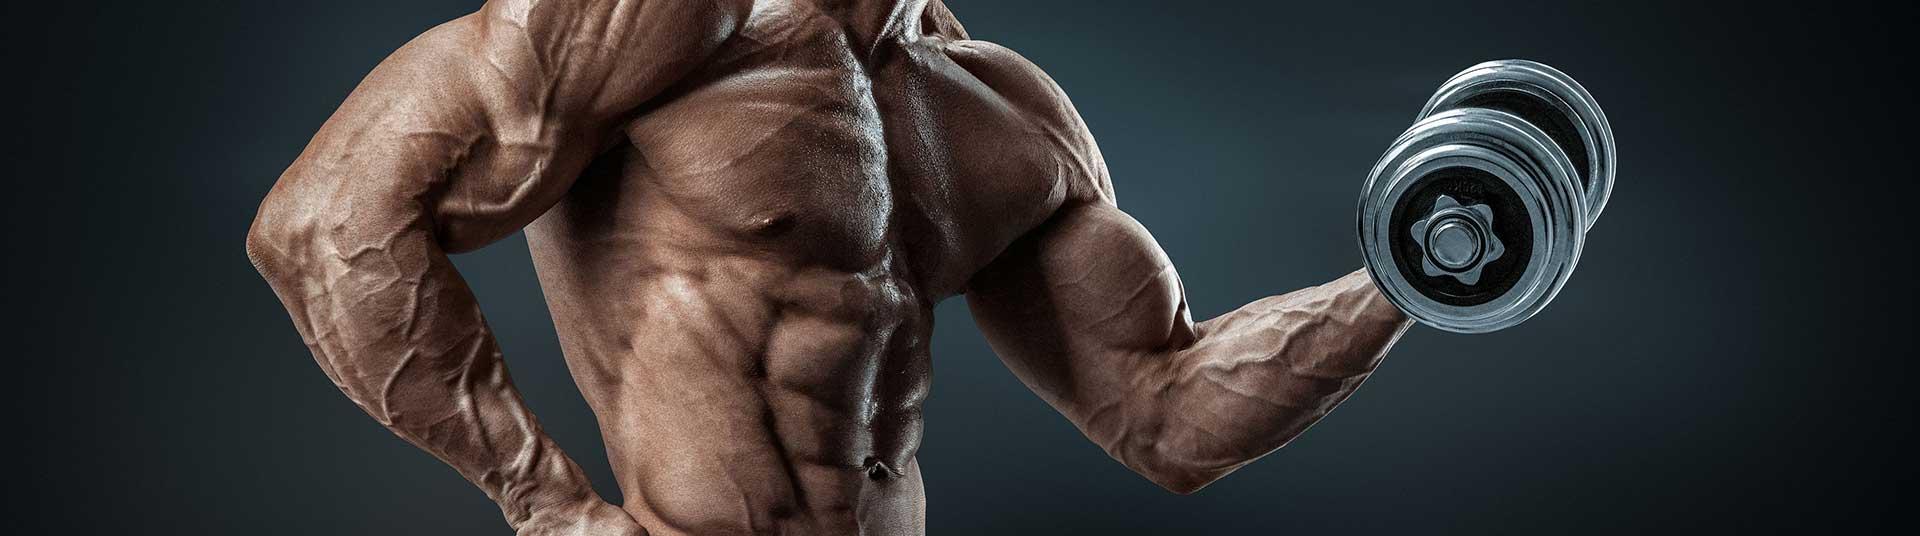 Ácido D-aspártico aumenta testosterona?